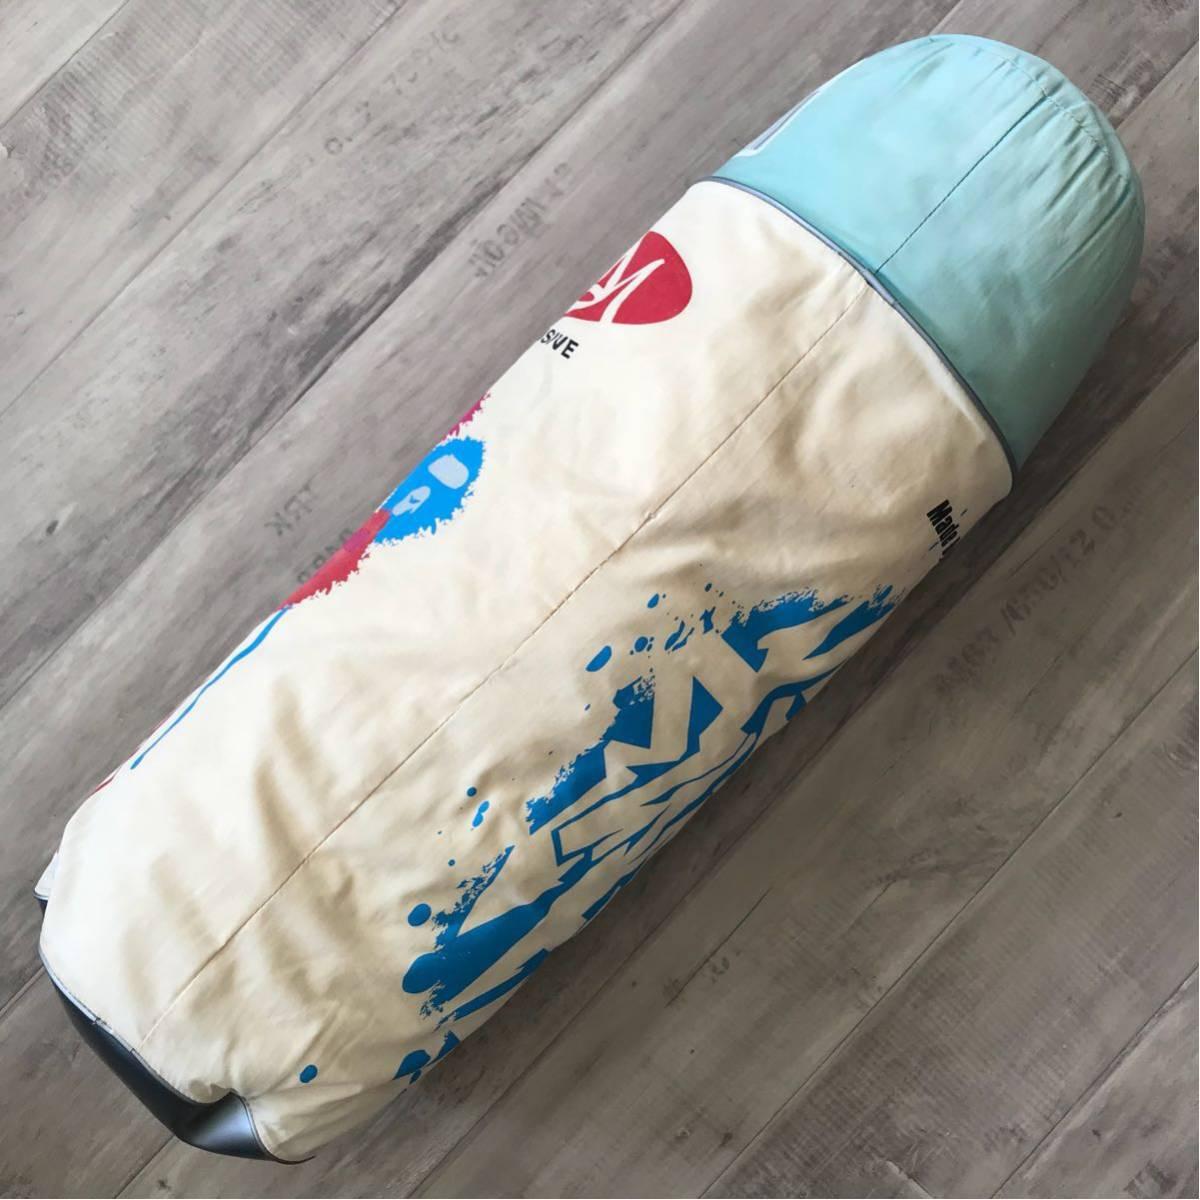 ★激レア★ 特大スプレー缶 クッション stash bape a bathing ape エイプ ベイプ futura スプレー 缶 スタッシュ 初期 spray can cushion